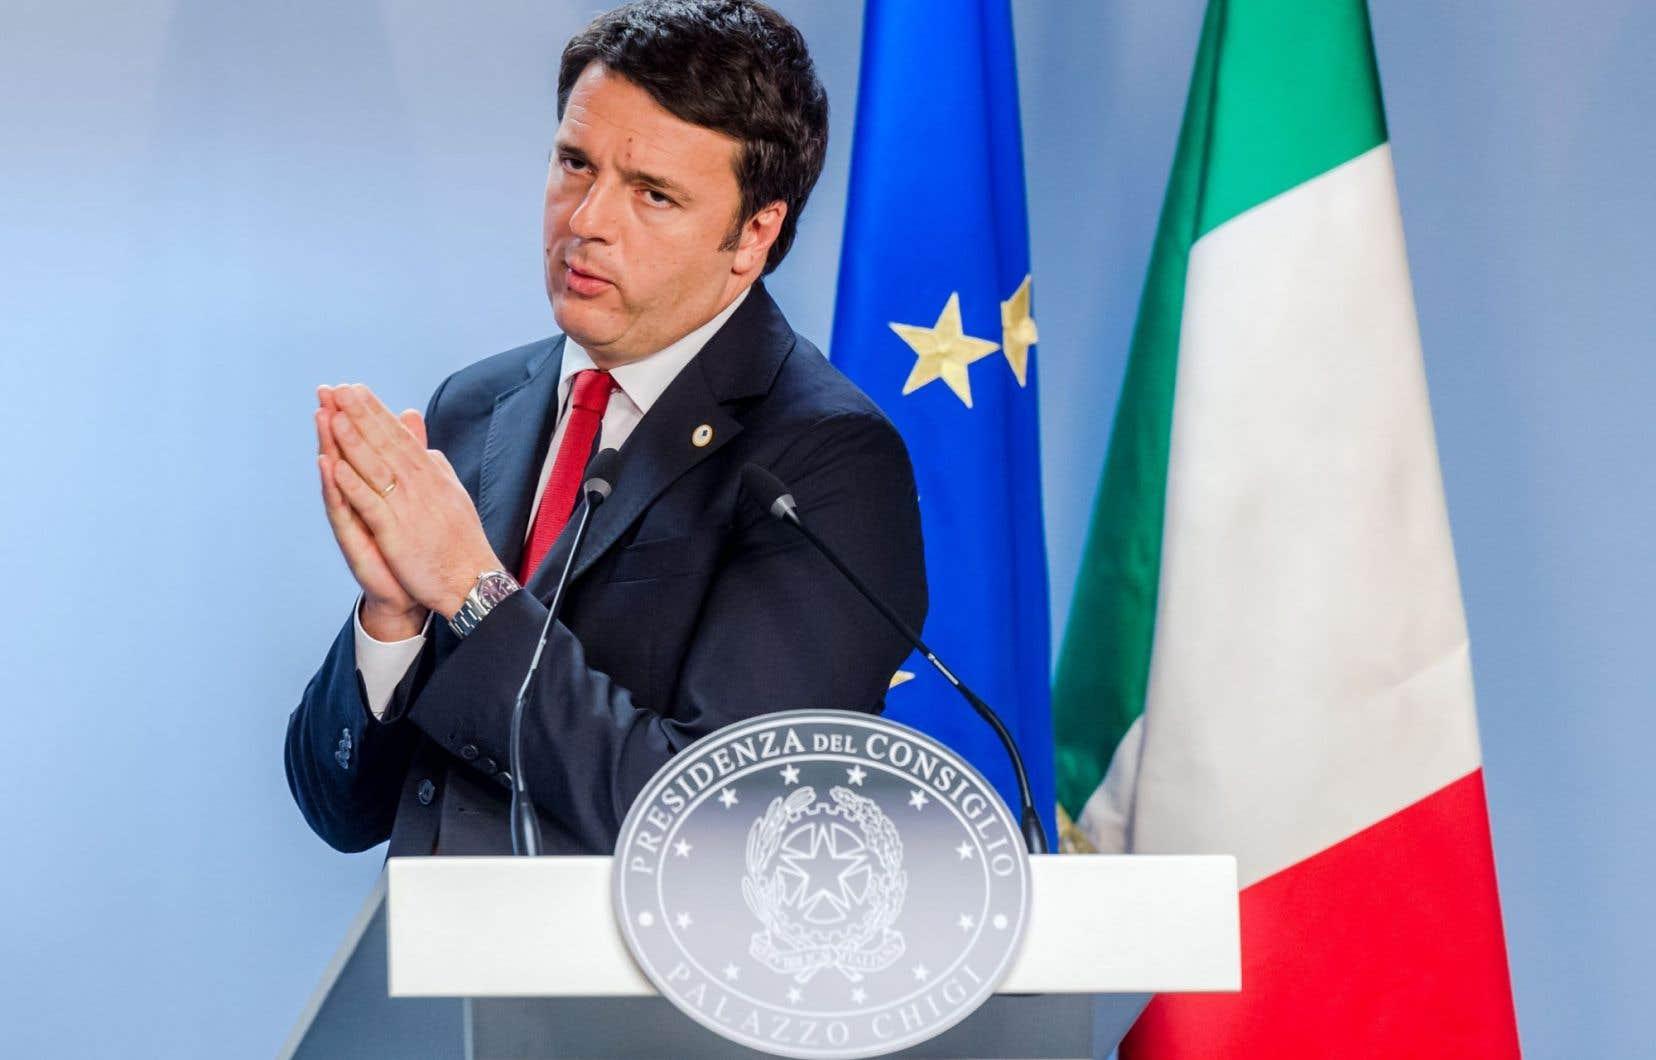 Le chef du gouvernement italien, Matteo Renzi